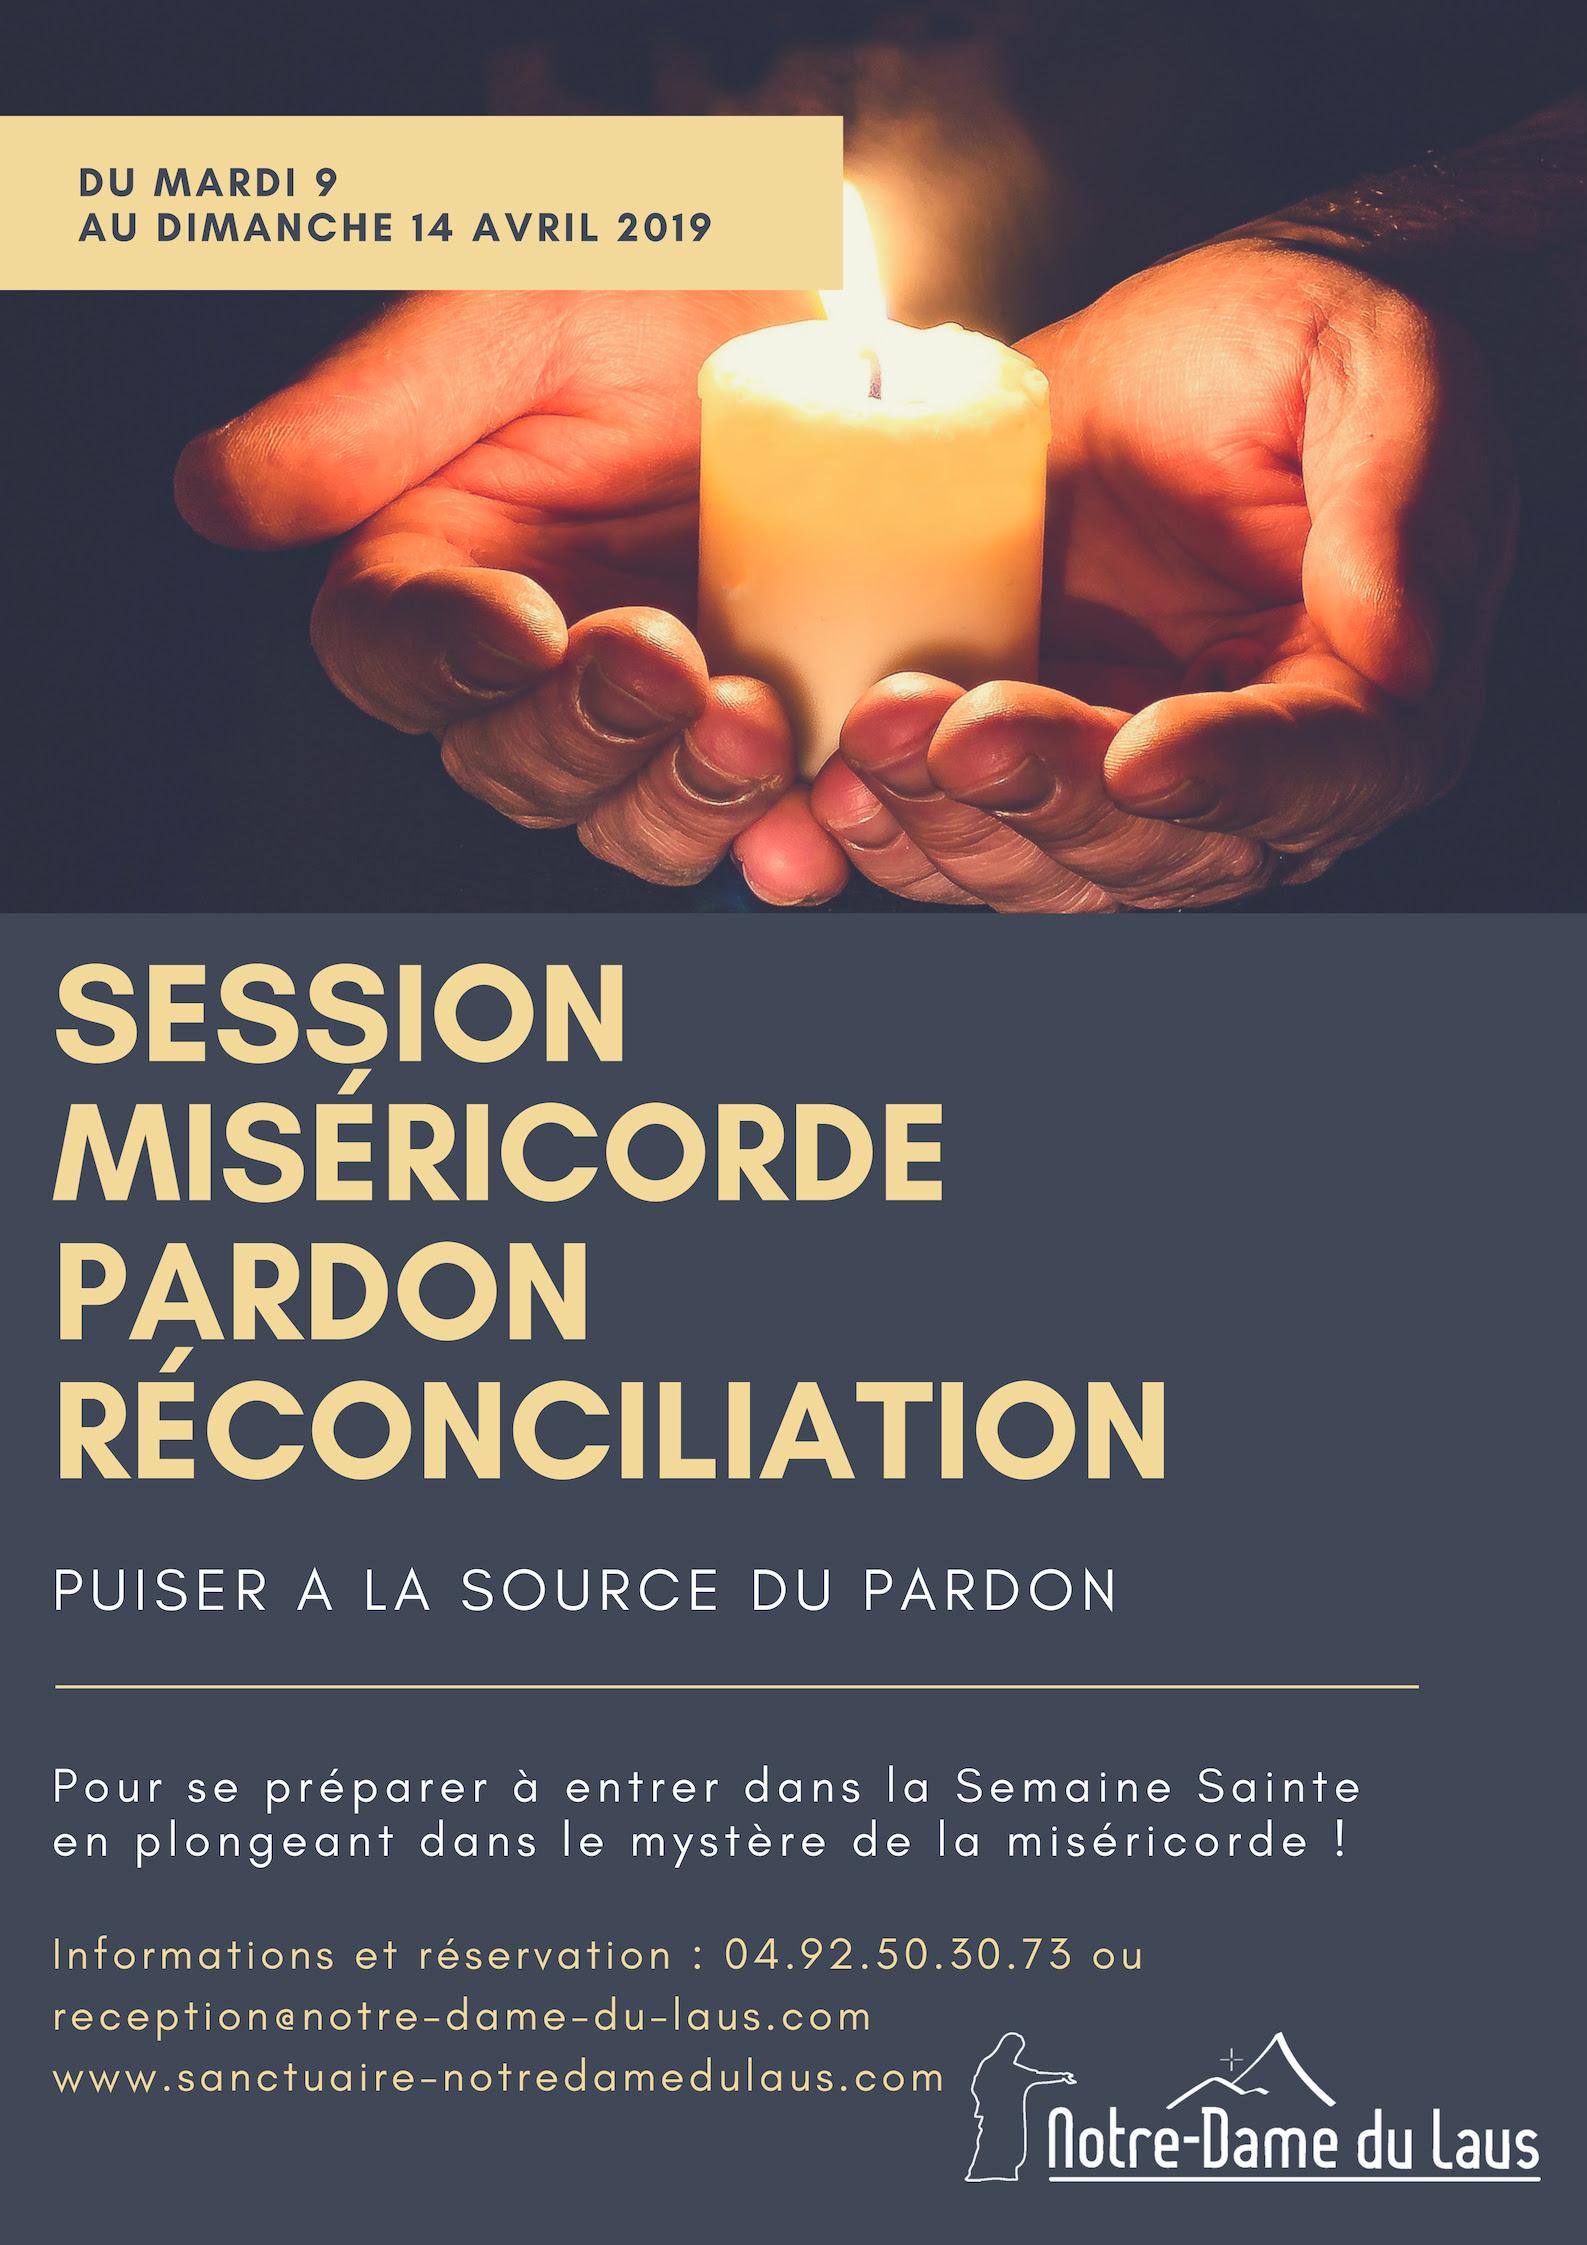 Session Miséricorde, Pardon, Réconciliation du 9 au 14 avril 2019 au Sanctuaire Notre-Dame du Laus (05)